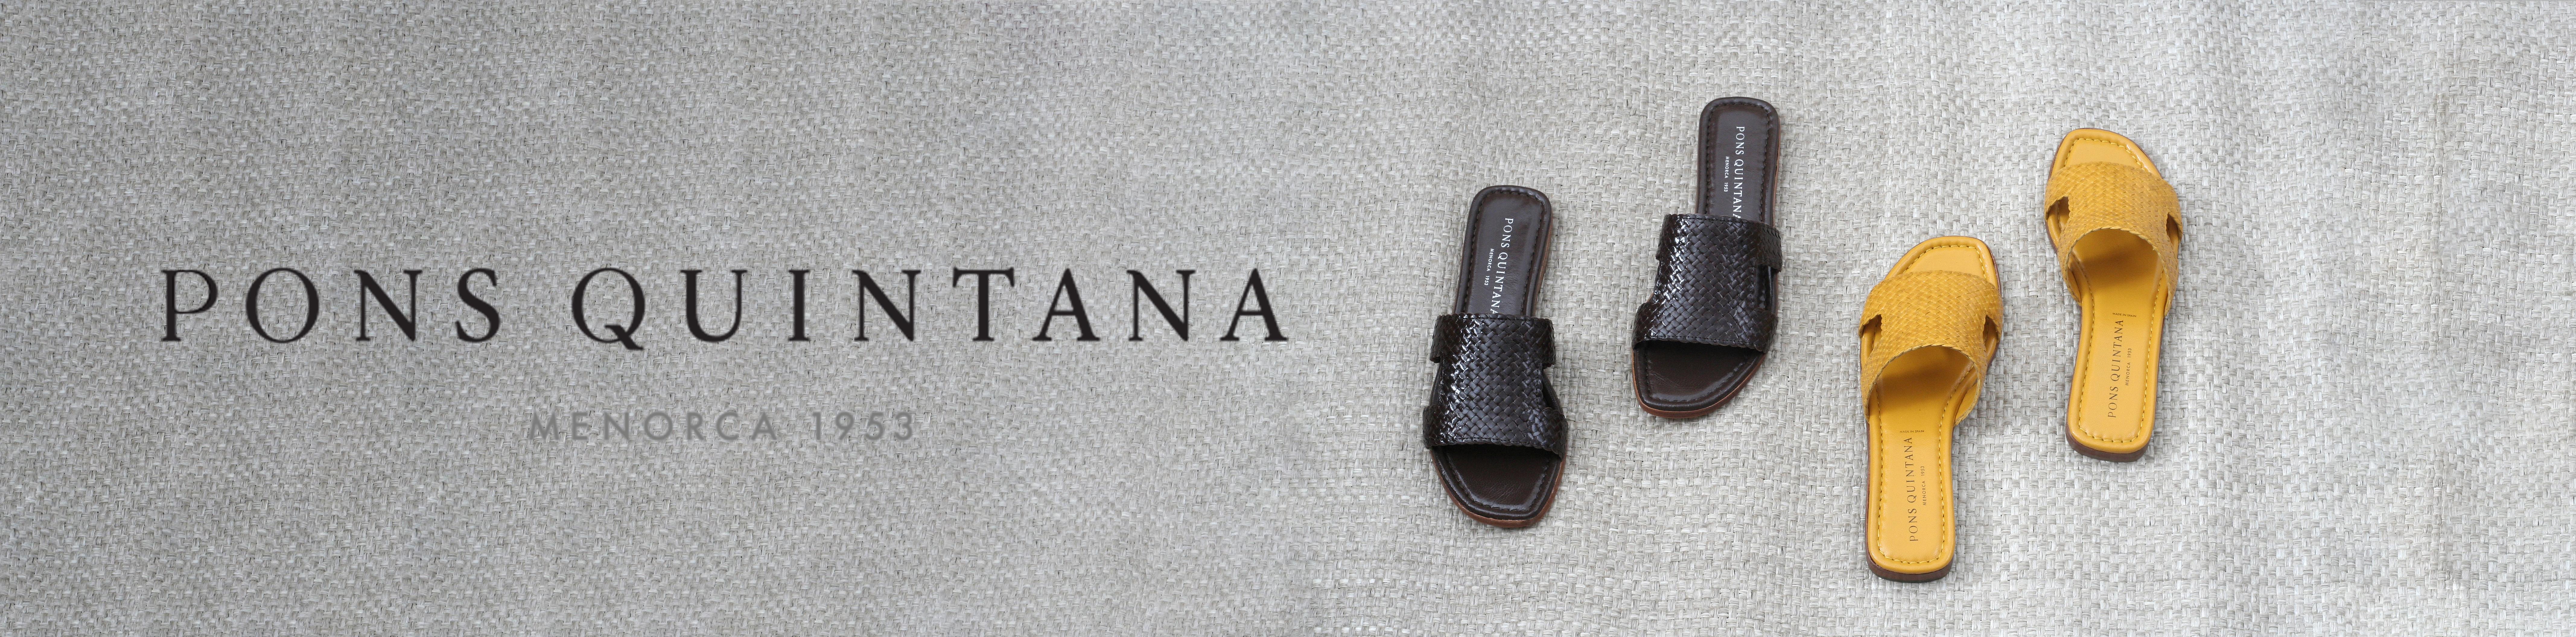 Ropa y zapatos online de Pons Quintana · Mujer 67b2e45decd5